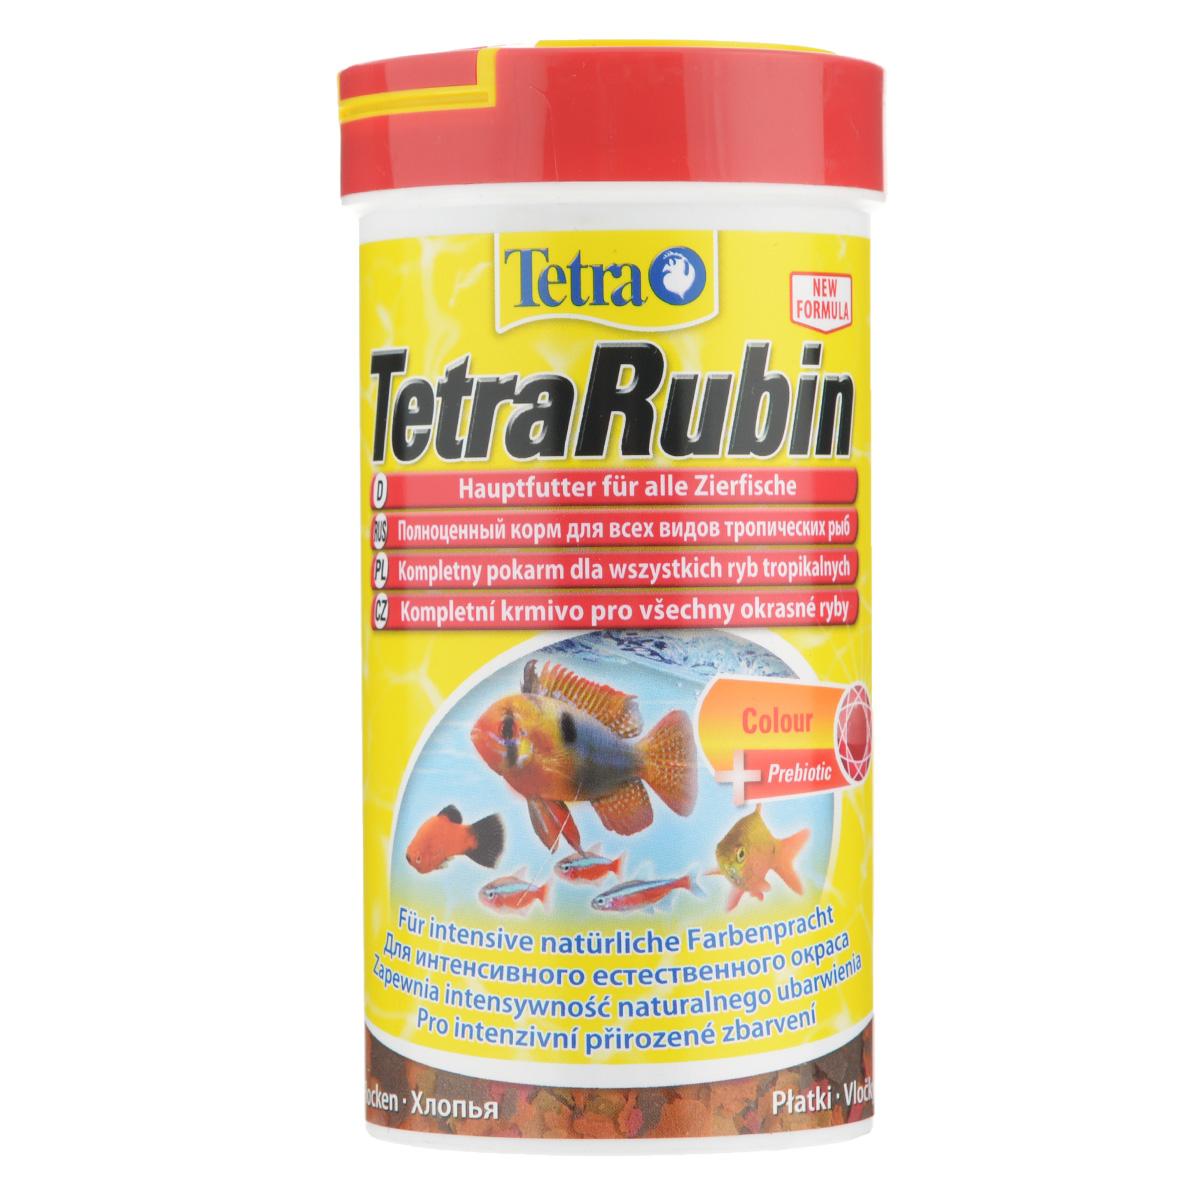 Корм TetraRubin для всех видов аквариумных тропических рыб, в виде хлопьев, 250 корм сухой tetramin pro crisps для всех видов тропических рыб в виде чипсов 100 мл